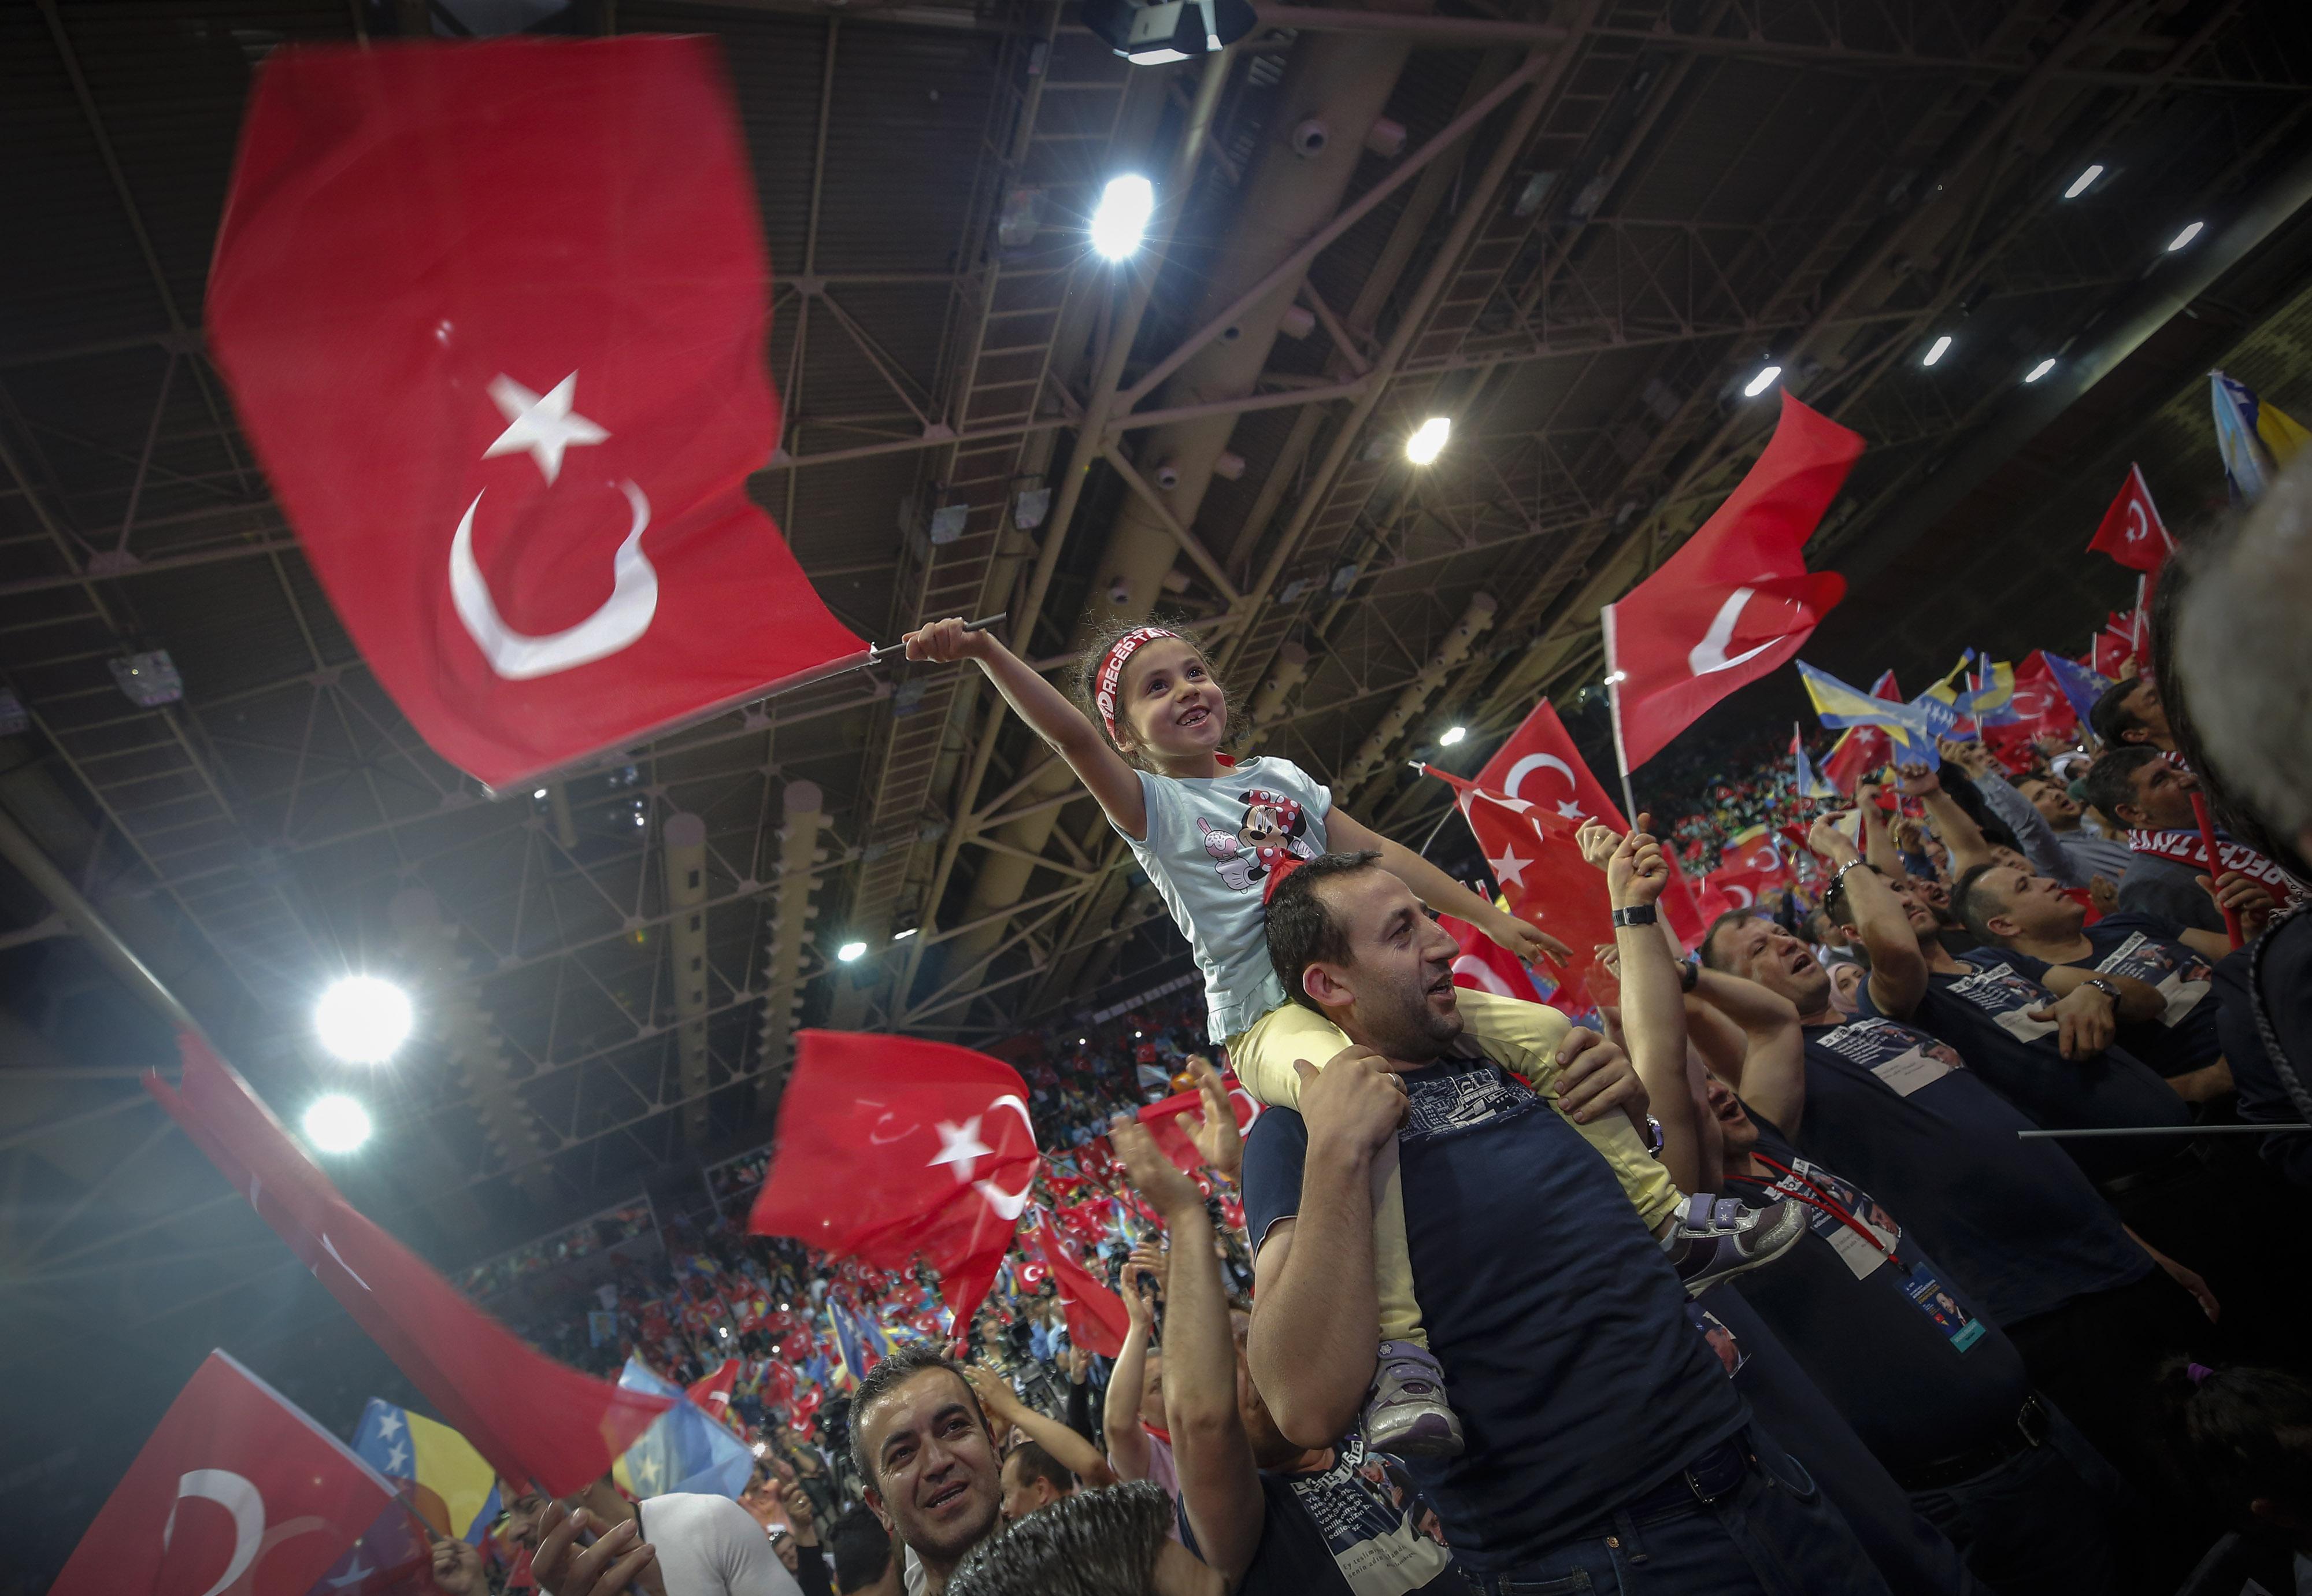 تجمع انتخابى فى البوسنة لانصار اردوغان